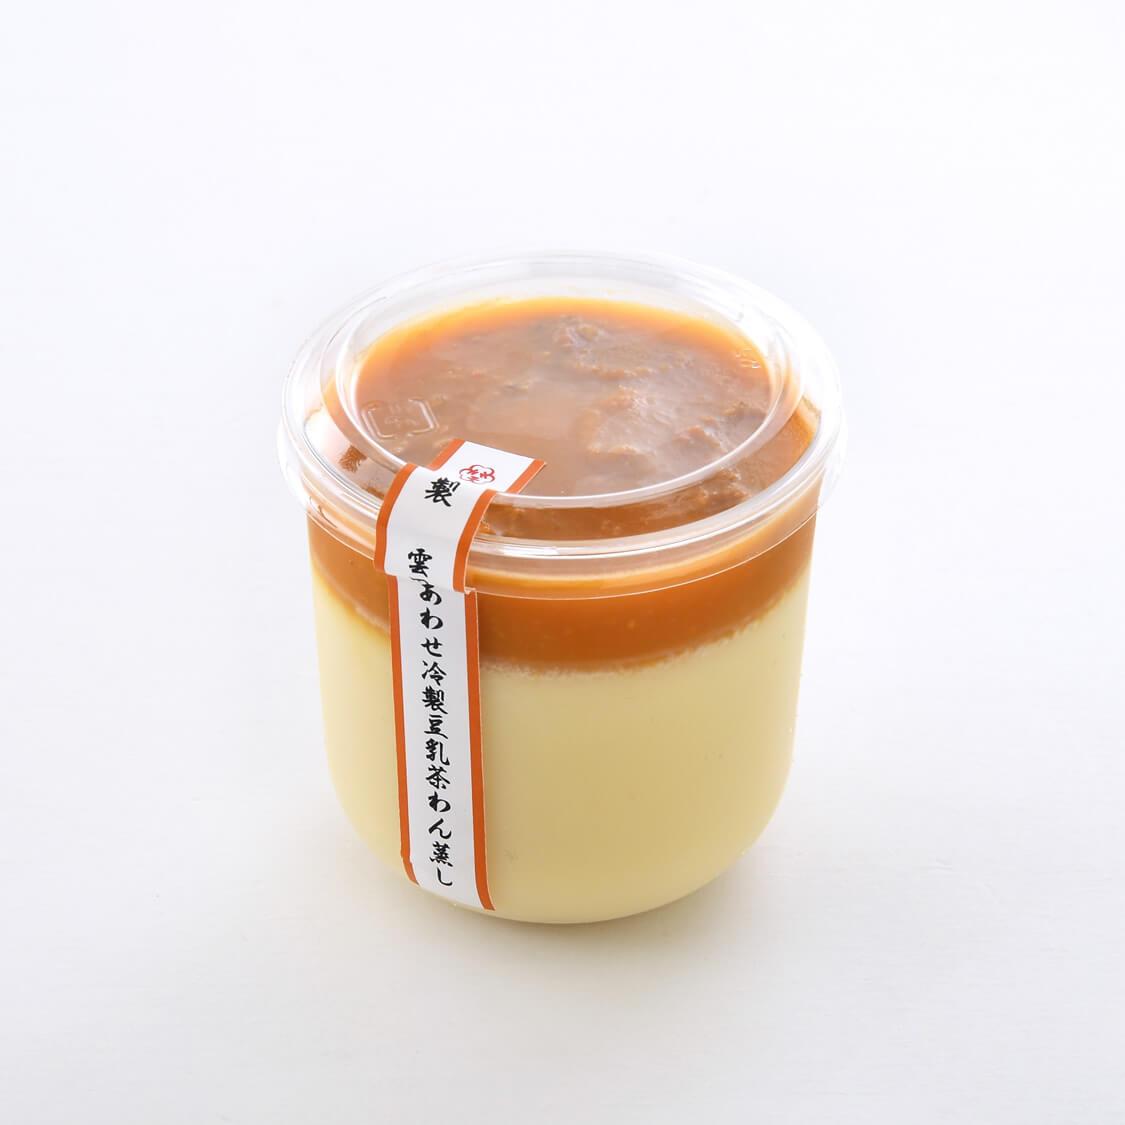 雲丹あわせ冷製豆乳茶碗蒸し1食分